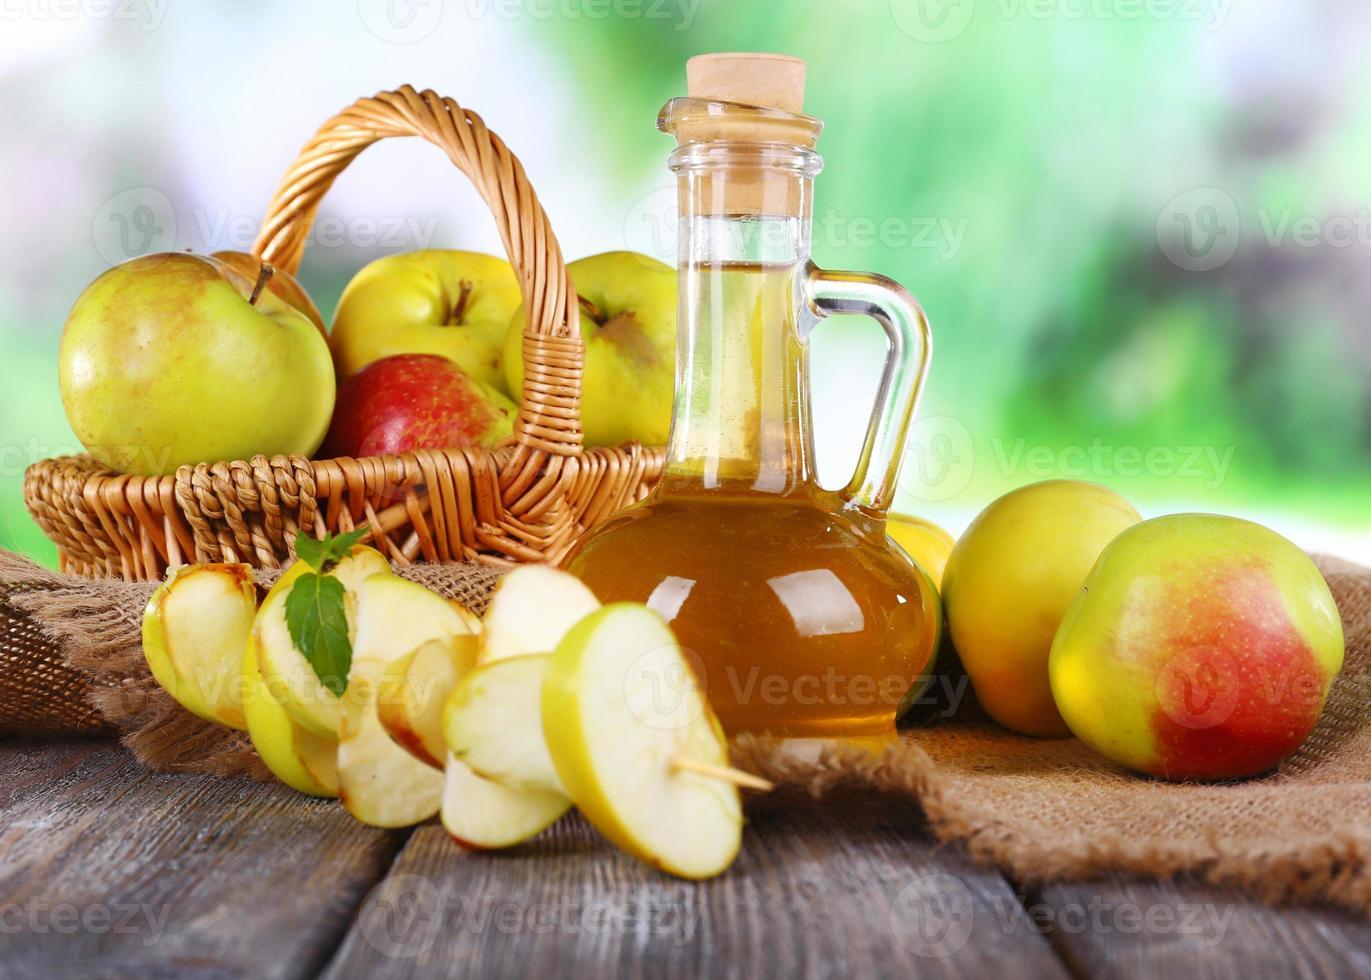 vinaigre de cidre de pomme en bouteille et pommes, sur table photo